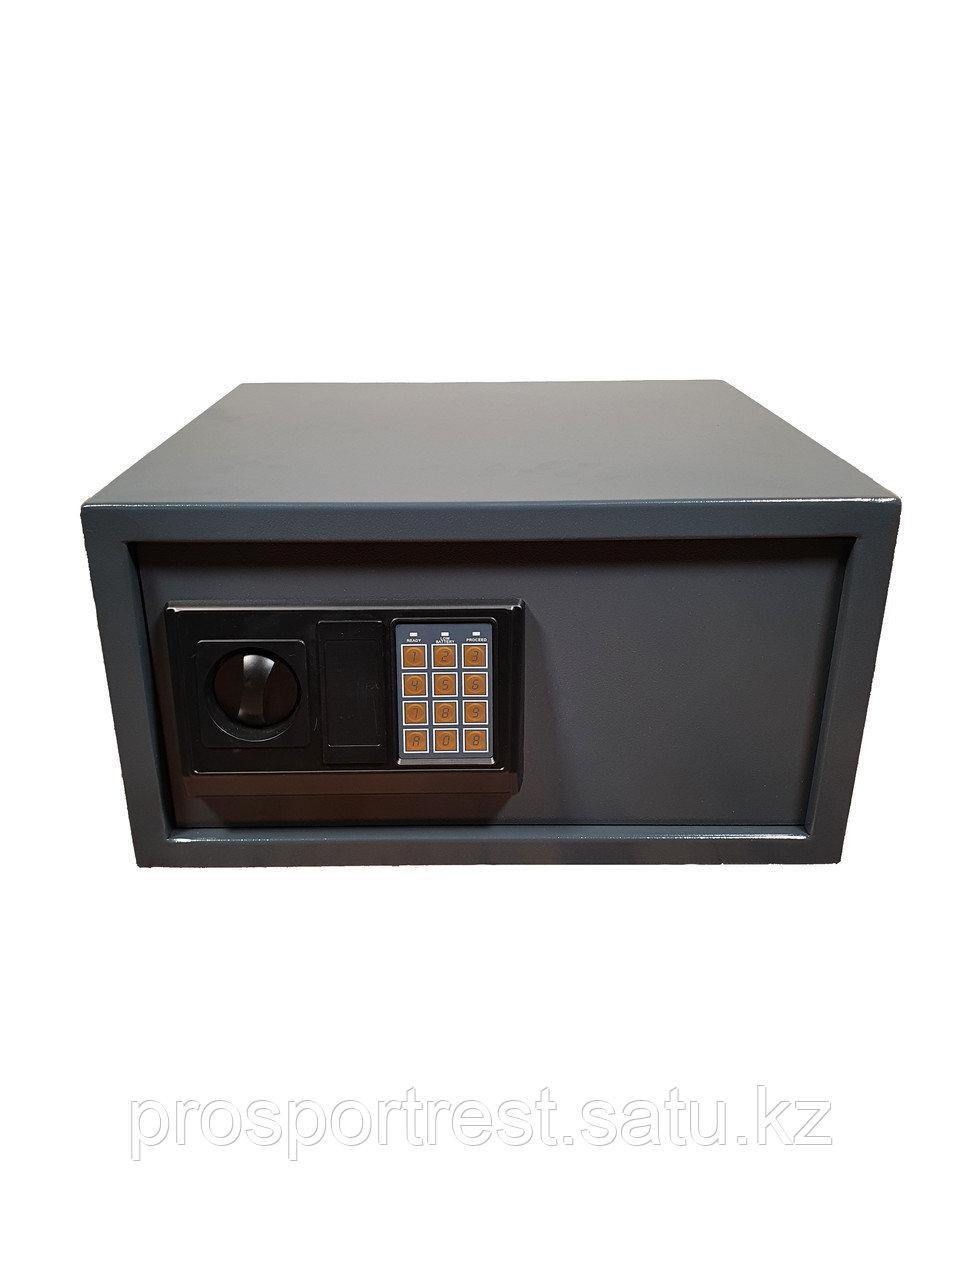 Сейф мебельный FD430 (40X43X23см, 8.5кг.)l